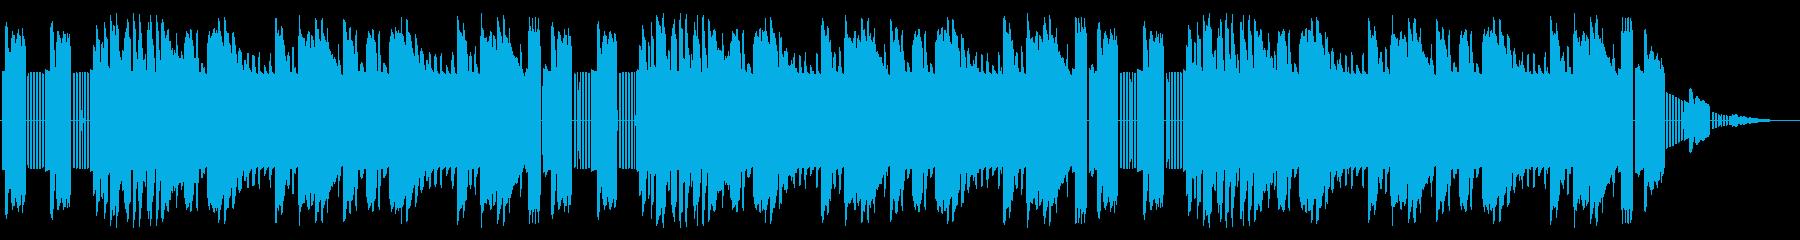 NES RPG A07-1(バトル1) の再生済みの波形